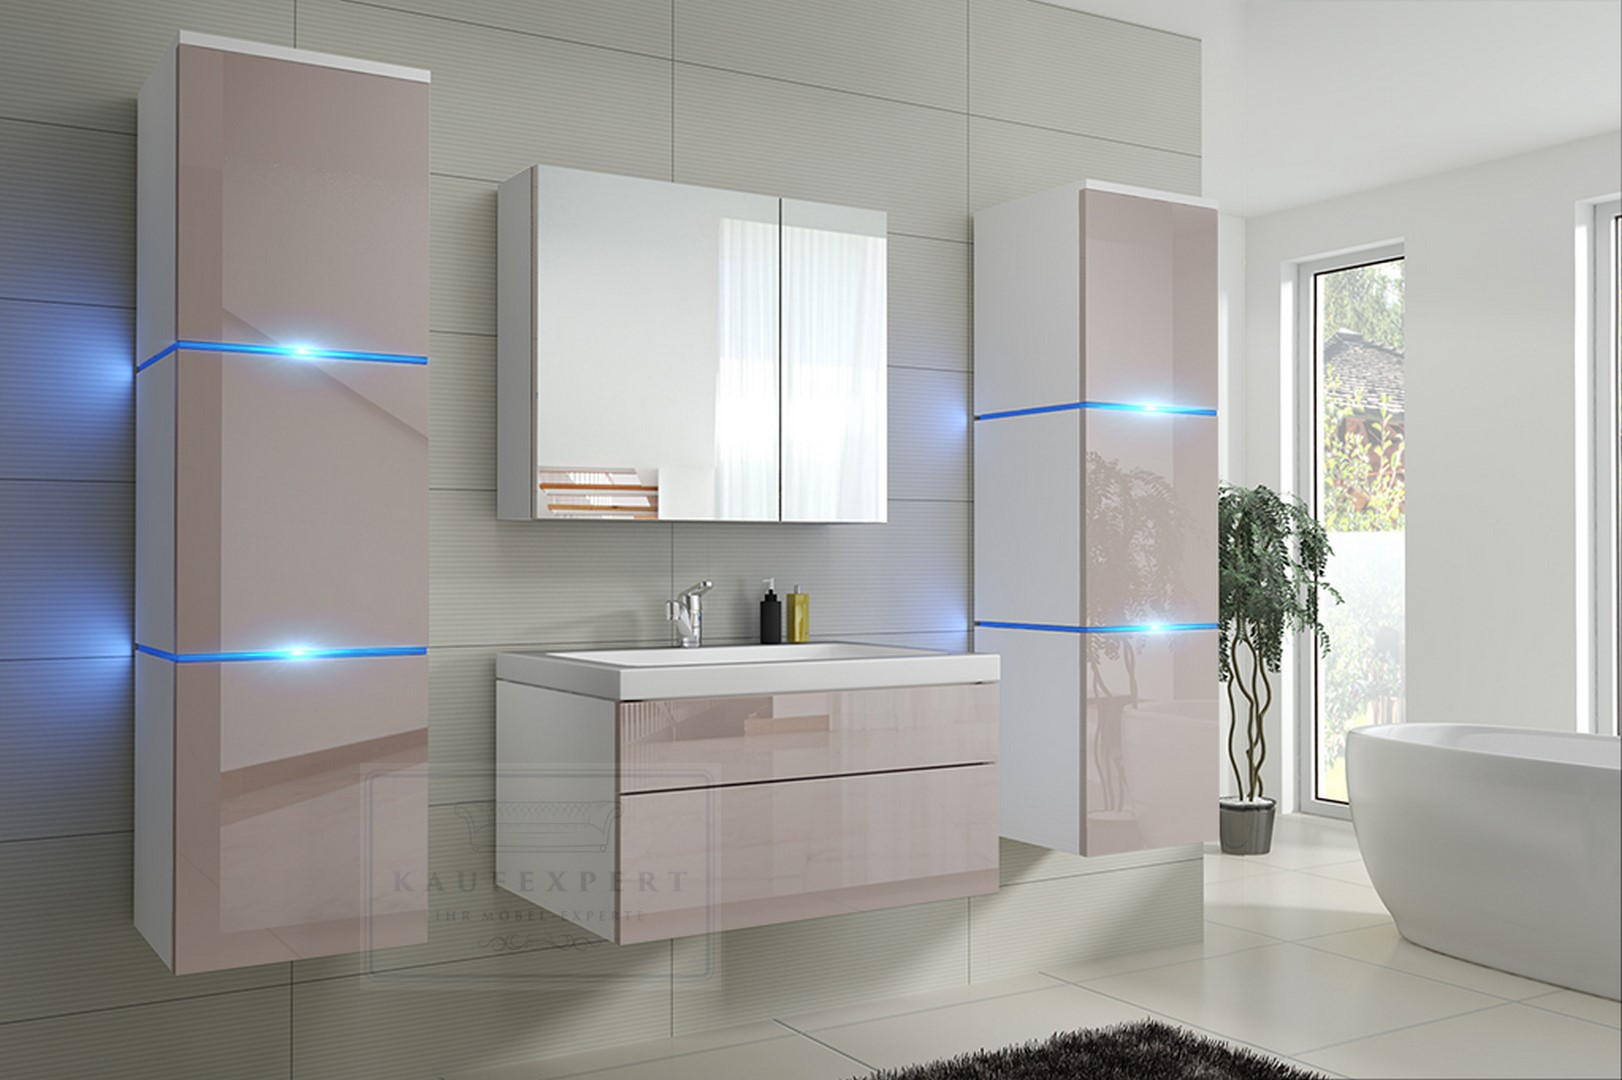 badm bel lux new badezimmerm bel keramik hochglanz holzoptik led beleuchtung ovp ebay. Black Bedroom Furniture Sets. Home Design Ideas